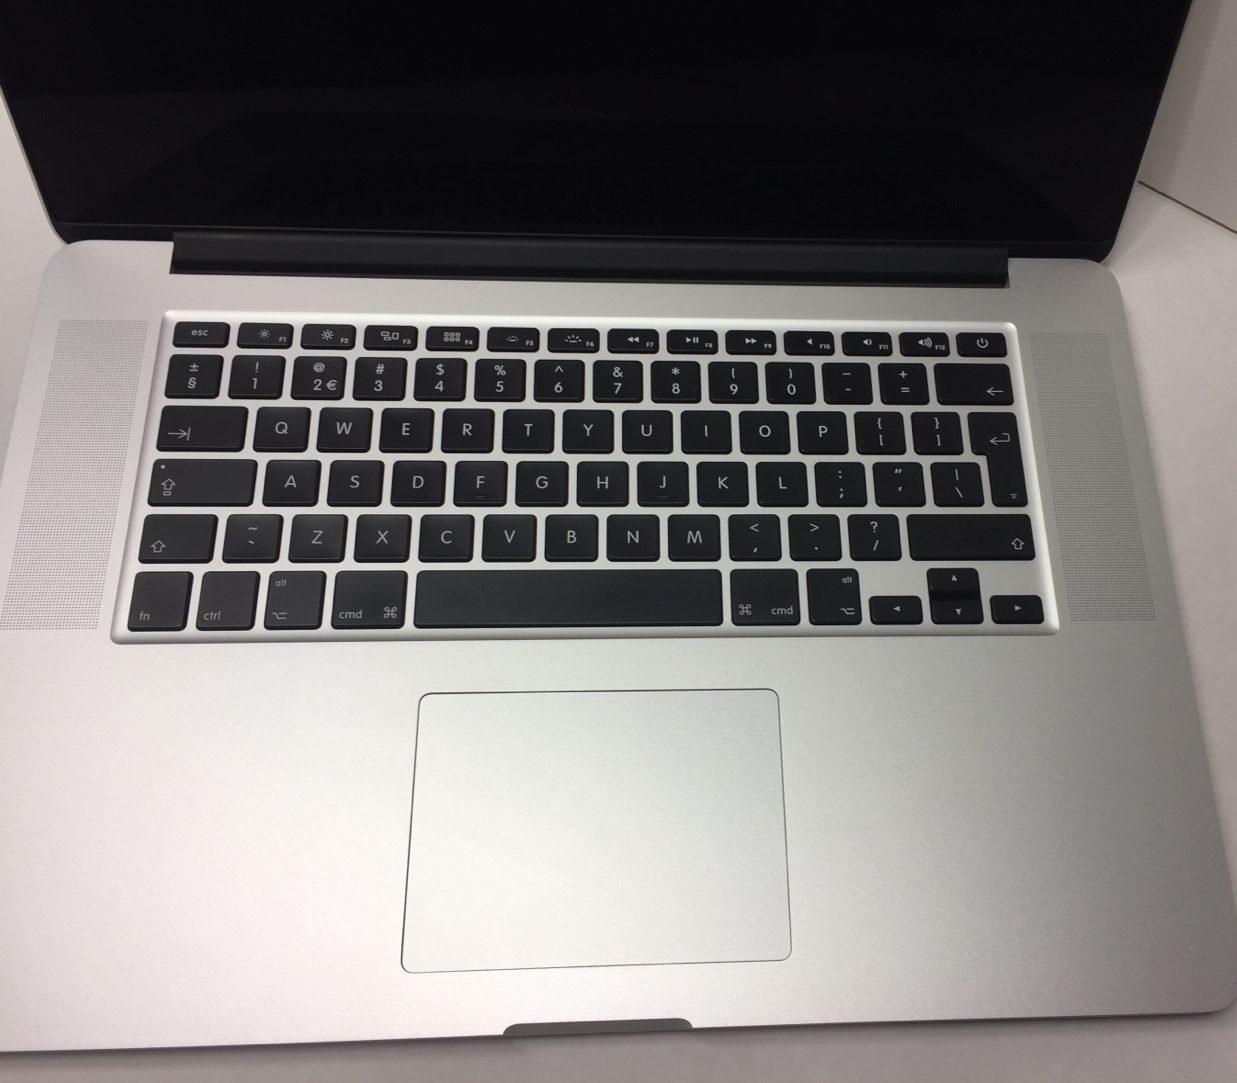 """MacBook Pro Retina 15"""" Mid 2014 (Intel Quad-Core i7 2.2 GHz 16 GB RAM 256 GB SSD), Intel Quad-Core i7 2.2 GHz, 16 GB RAM, 256 GB SSD, Afbeelding 3"""